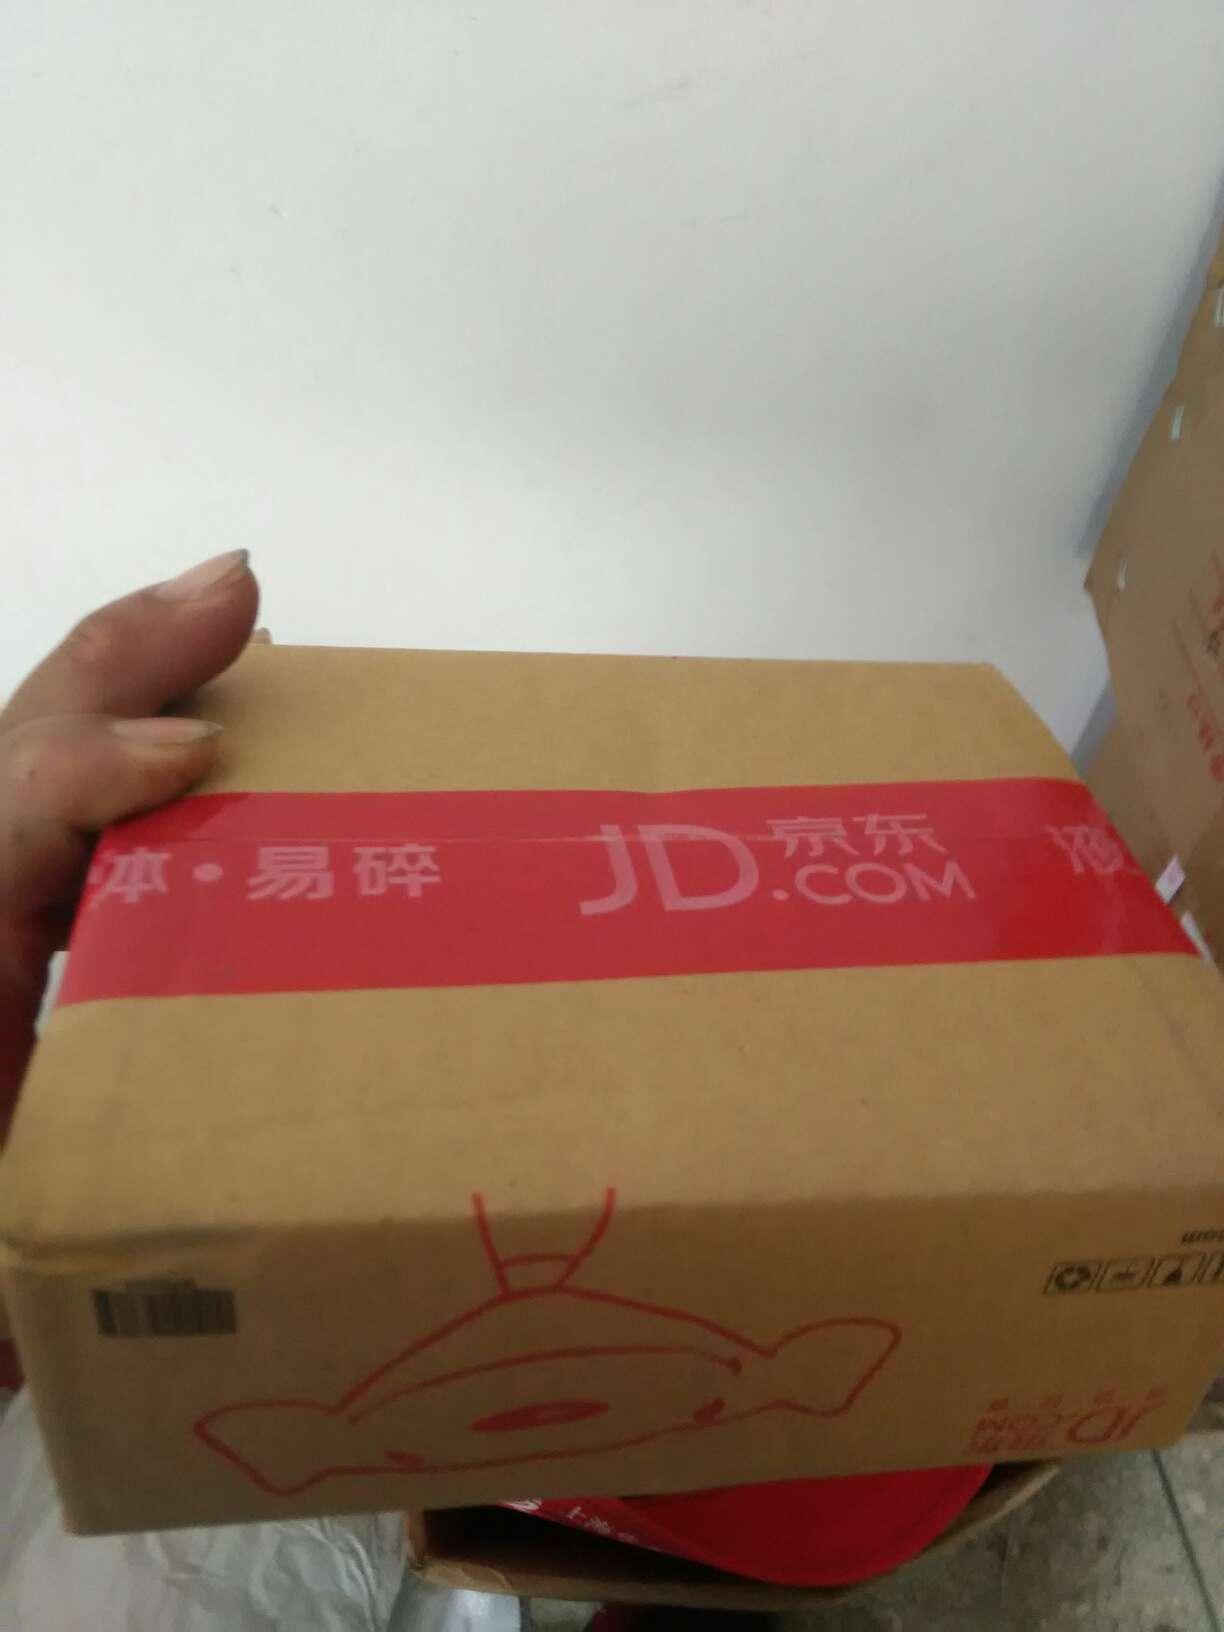 cheap jordan shirts online 002102057 sale